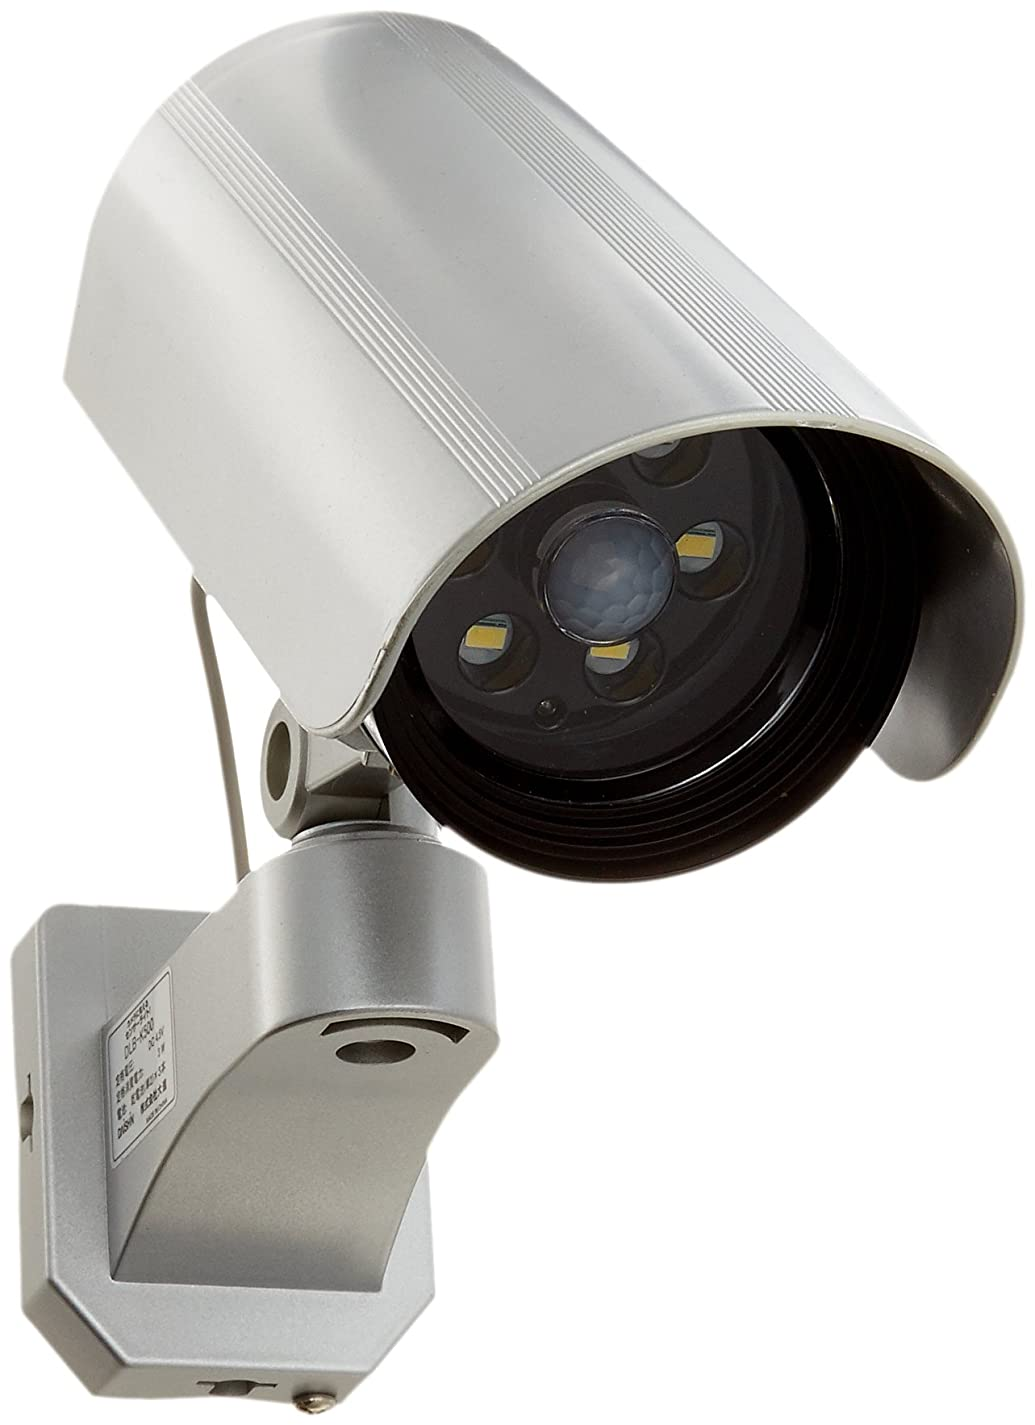 愛情意識的説明DAISHIN(大進) カメラに見えるセンサーライト DLB-K500 LED白色